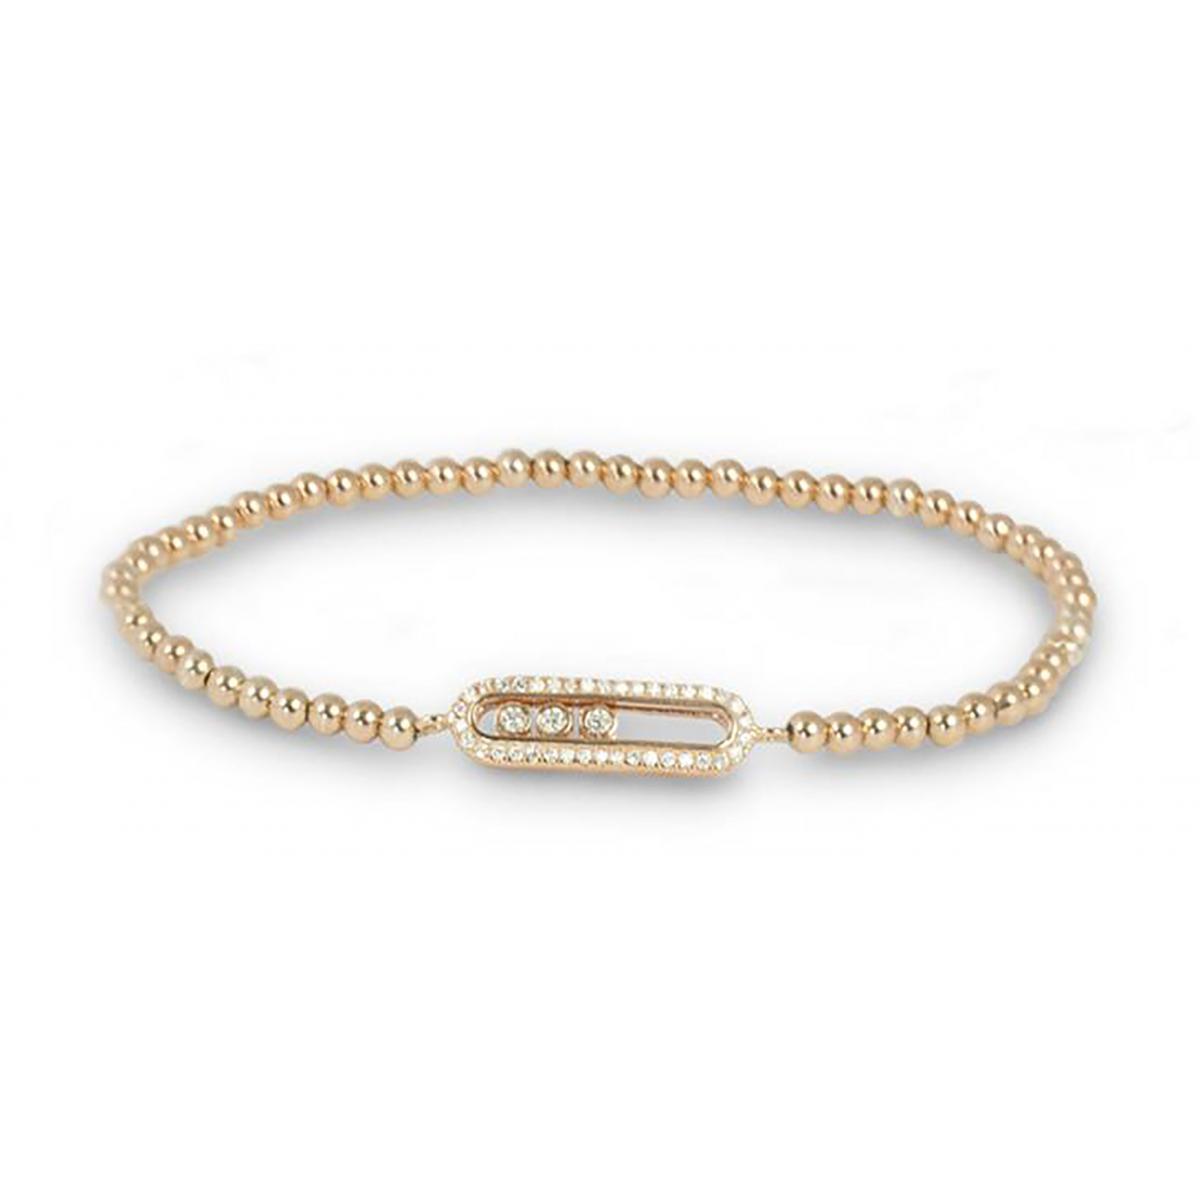 Bracelet Luxenter BH018Y00 - Bracelet Bille Argent Femme